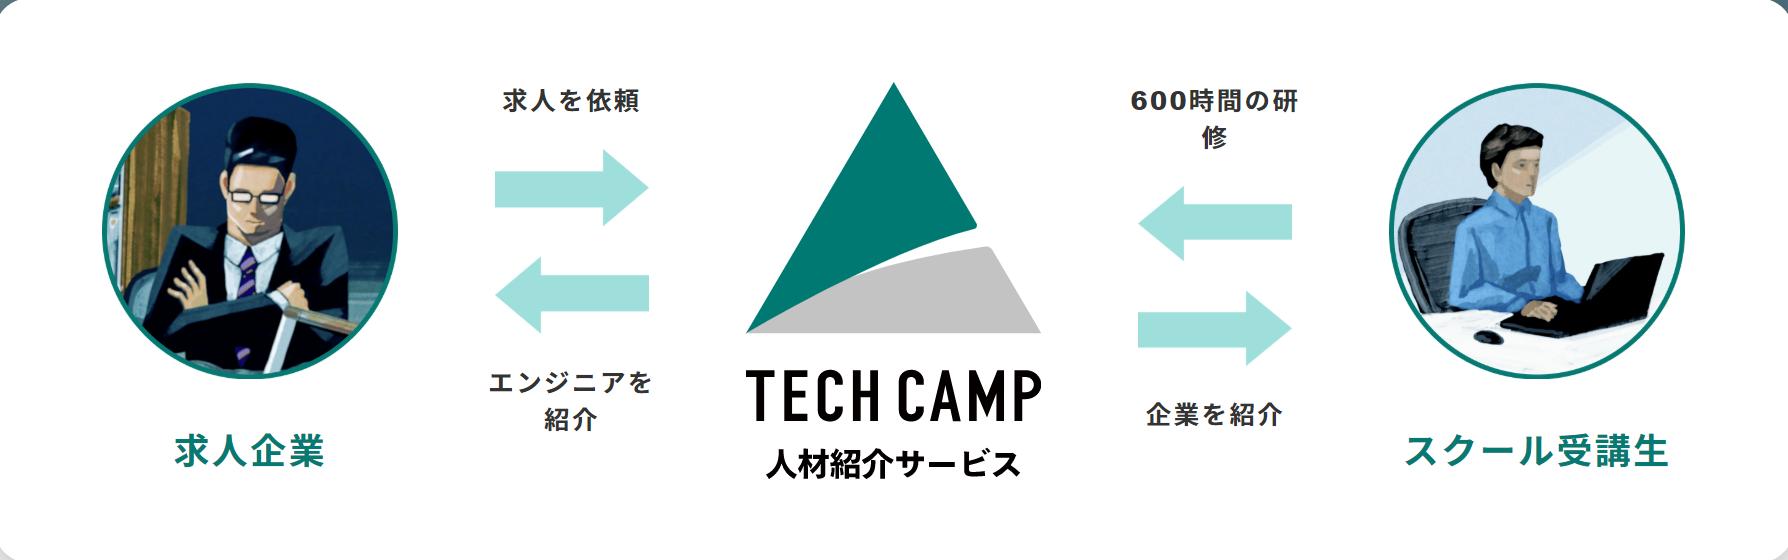 techcamp(テックキャンプ)